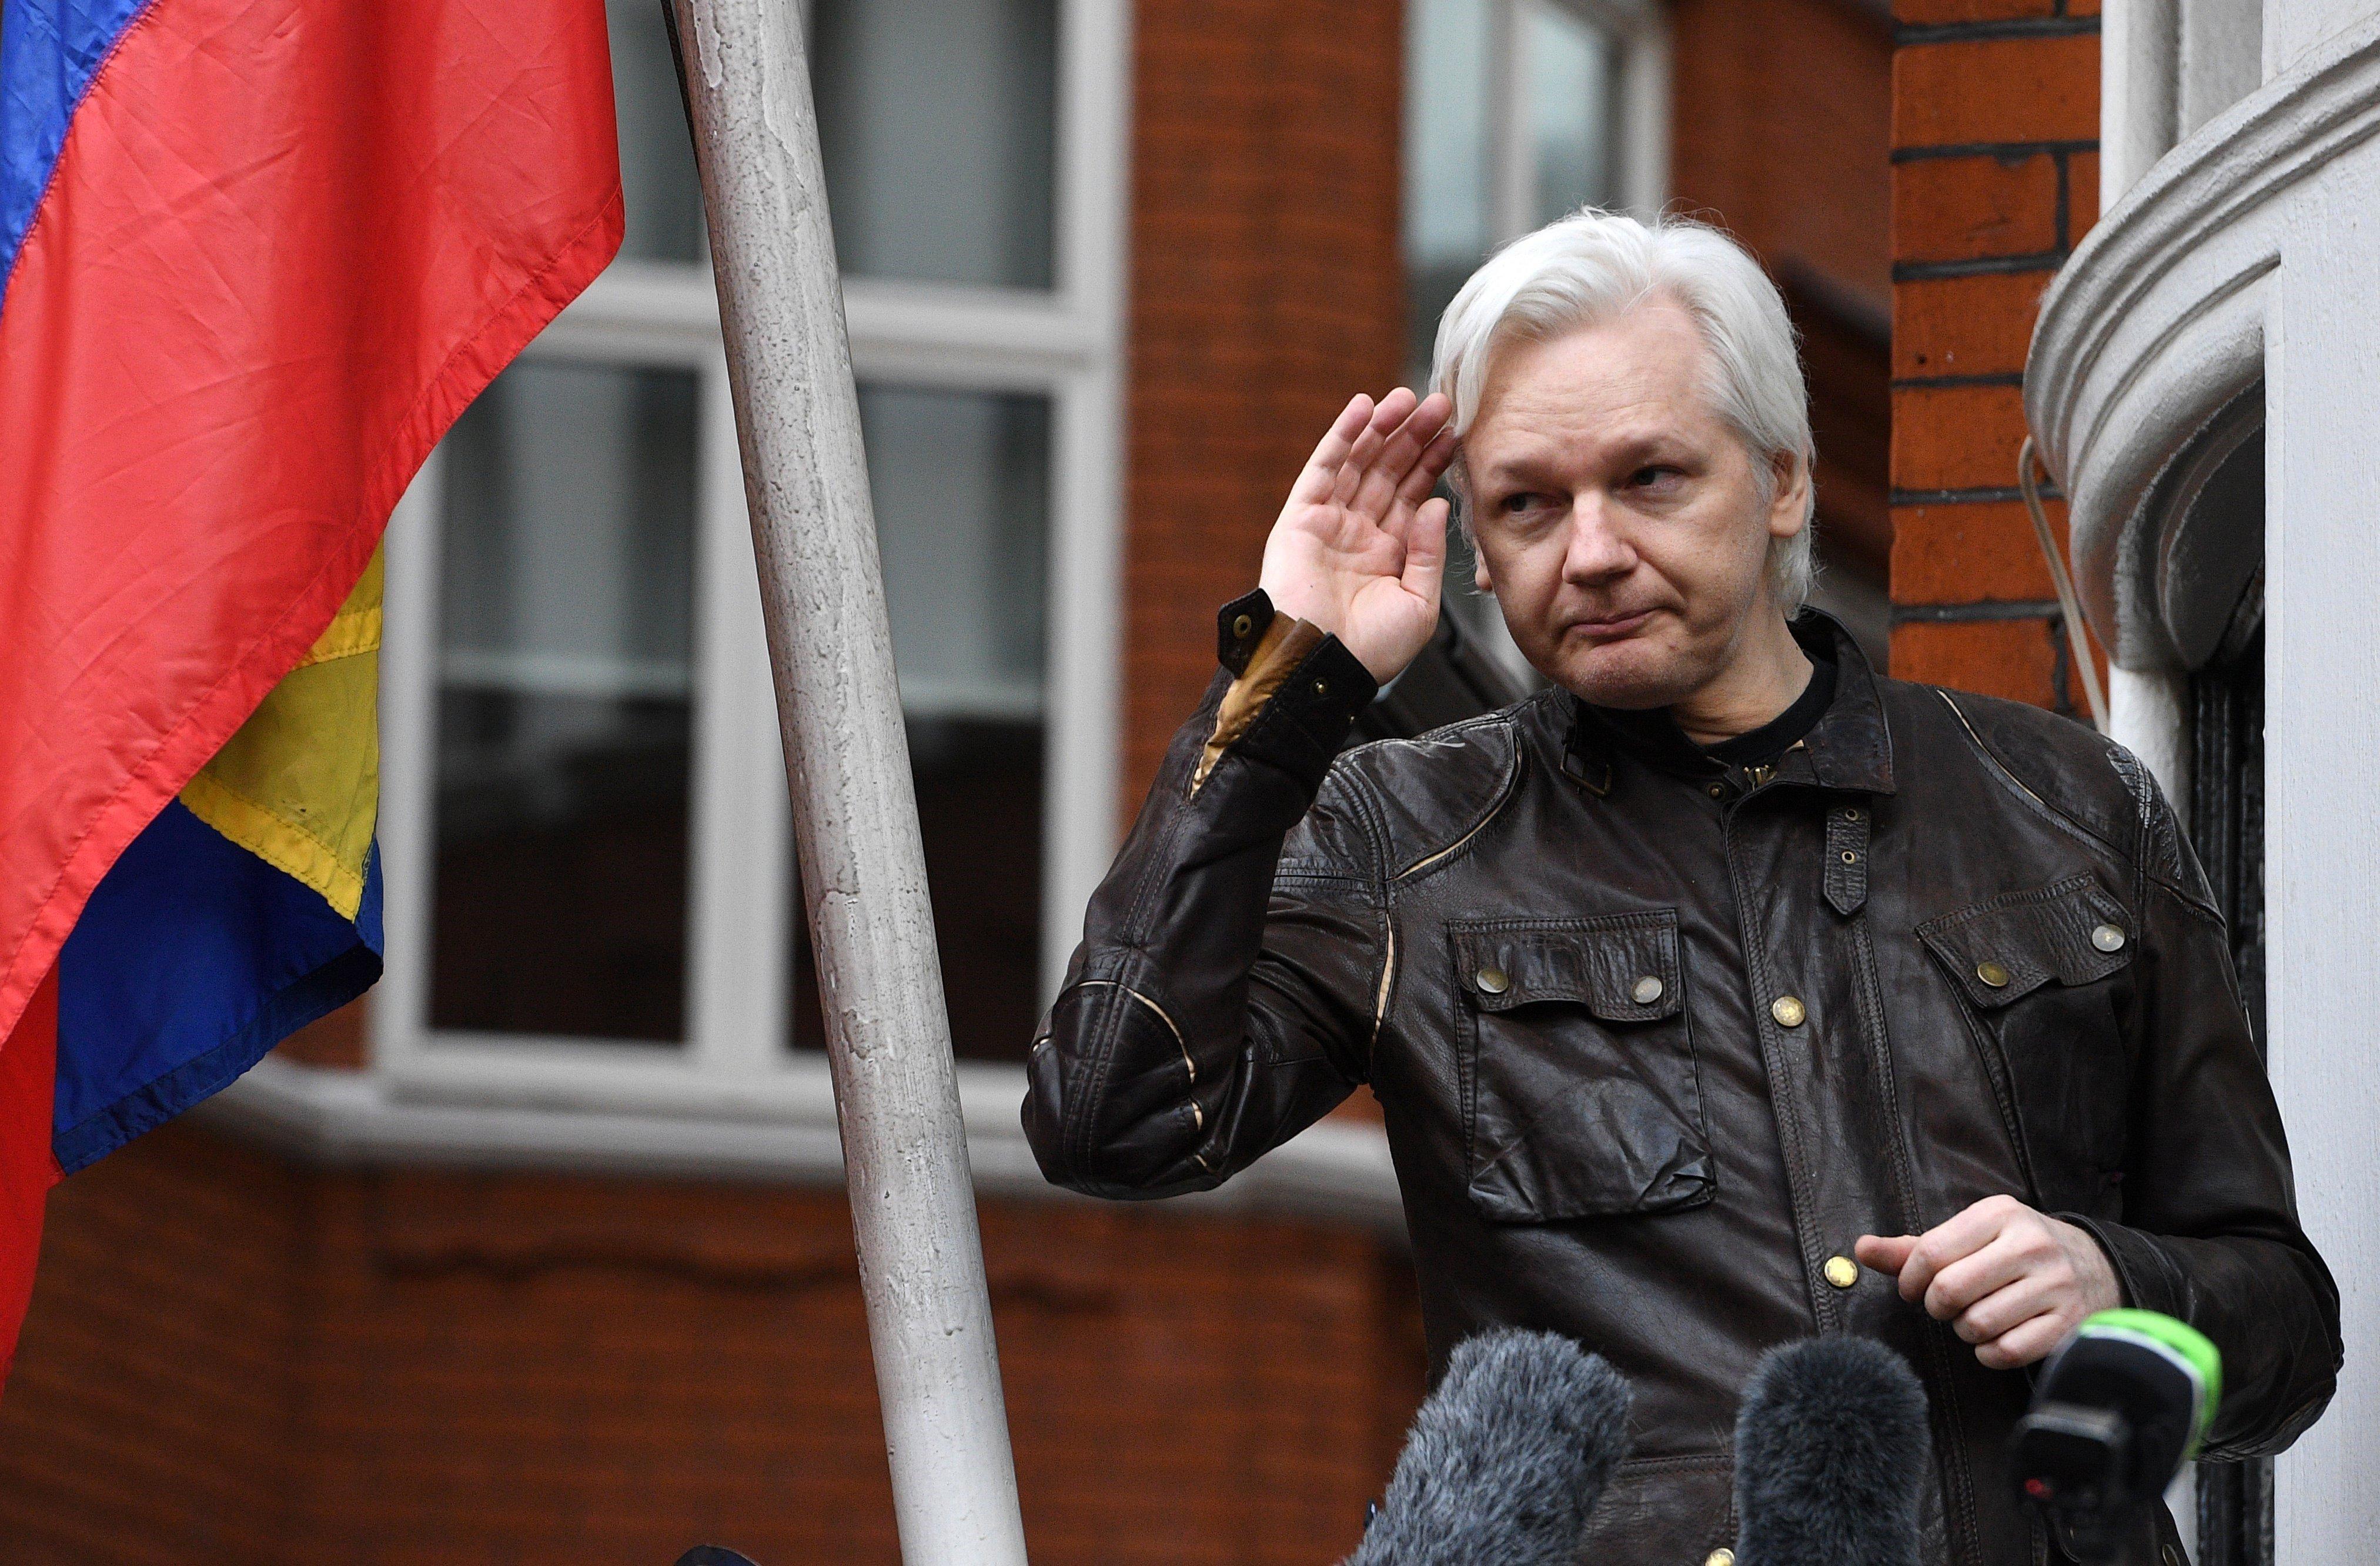 La justicia rechaza los argumentos de Assange contra su orden de detención